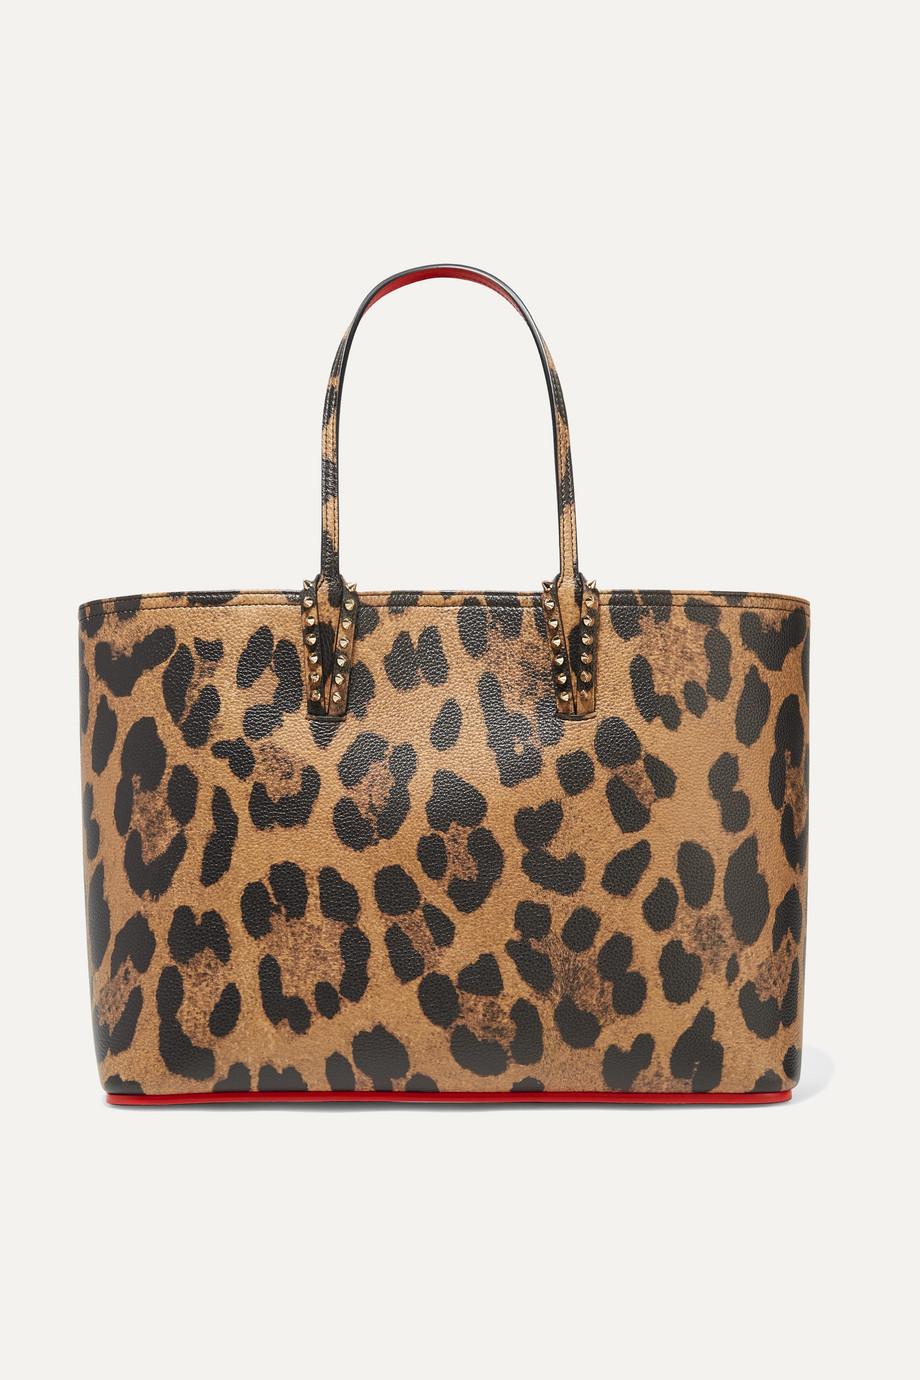 Christian Louboutin Sac à main en cuir texturé à imprimé léopard et à clous Cabata